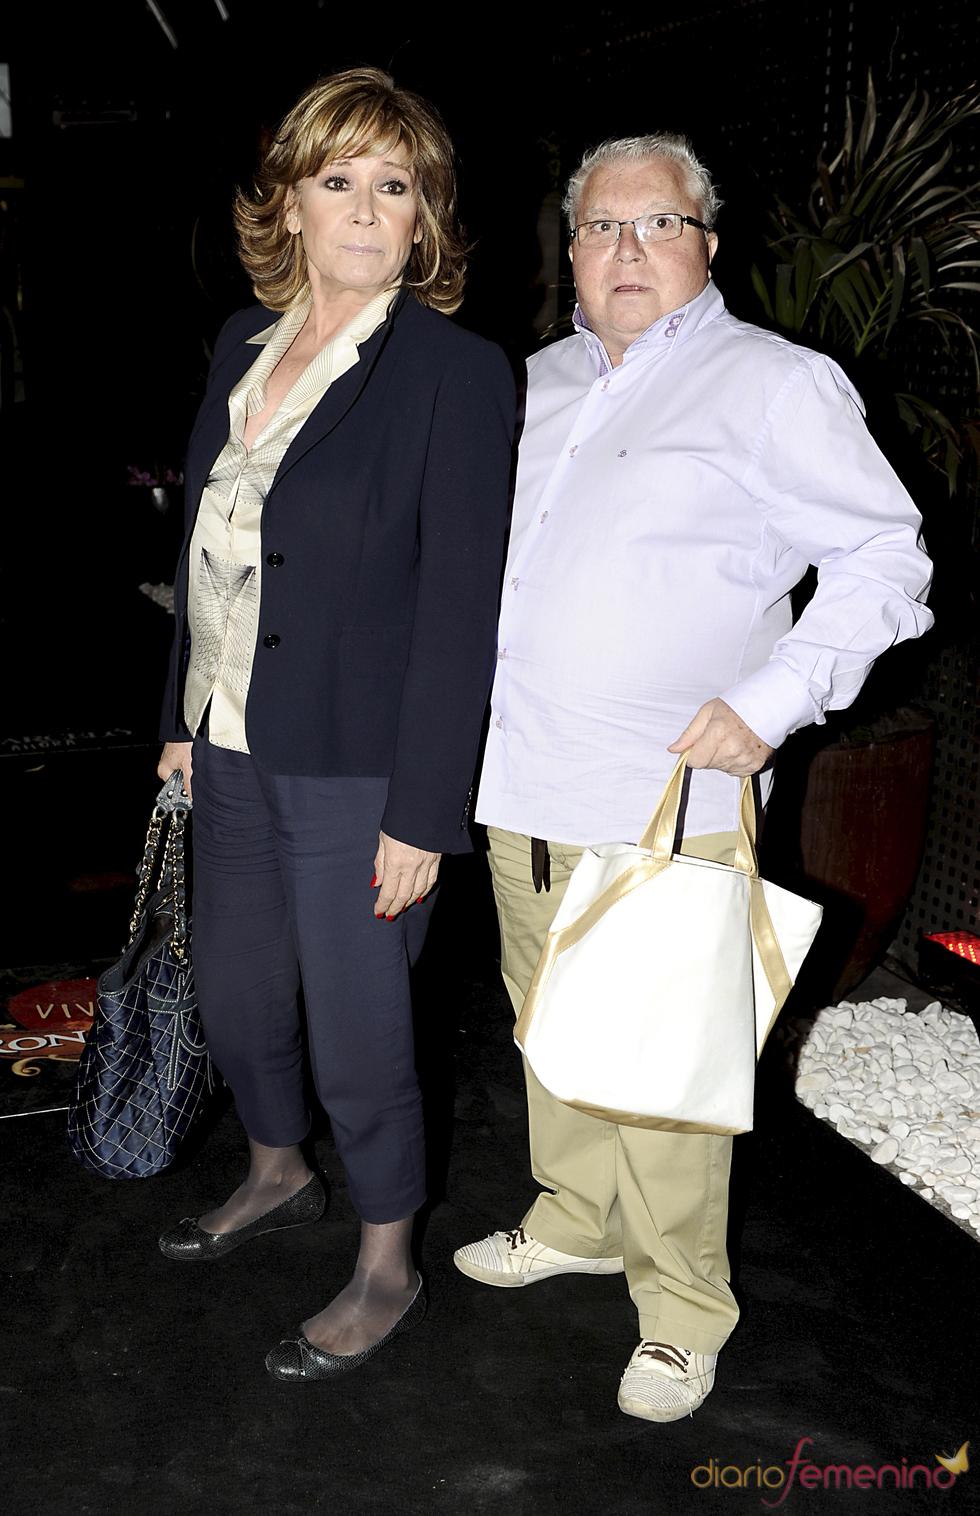 Mila Ximénez y Juanito 'el Golosina' en la despedida de soltero de Luis Rollán